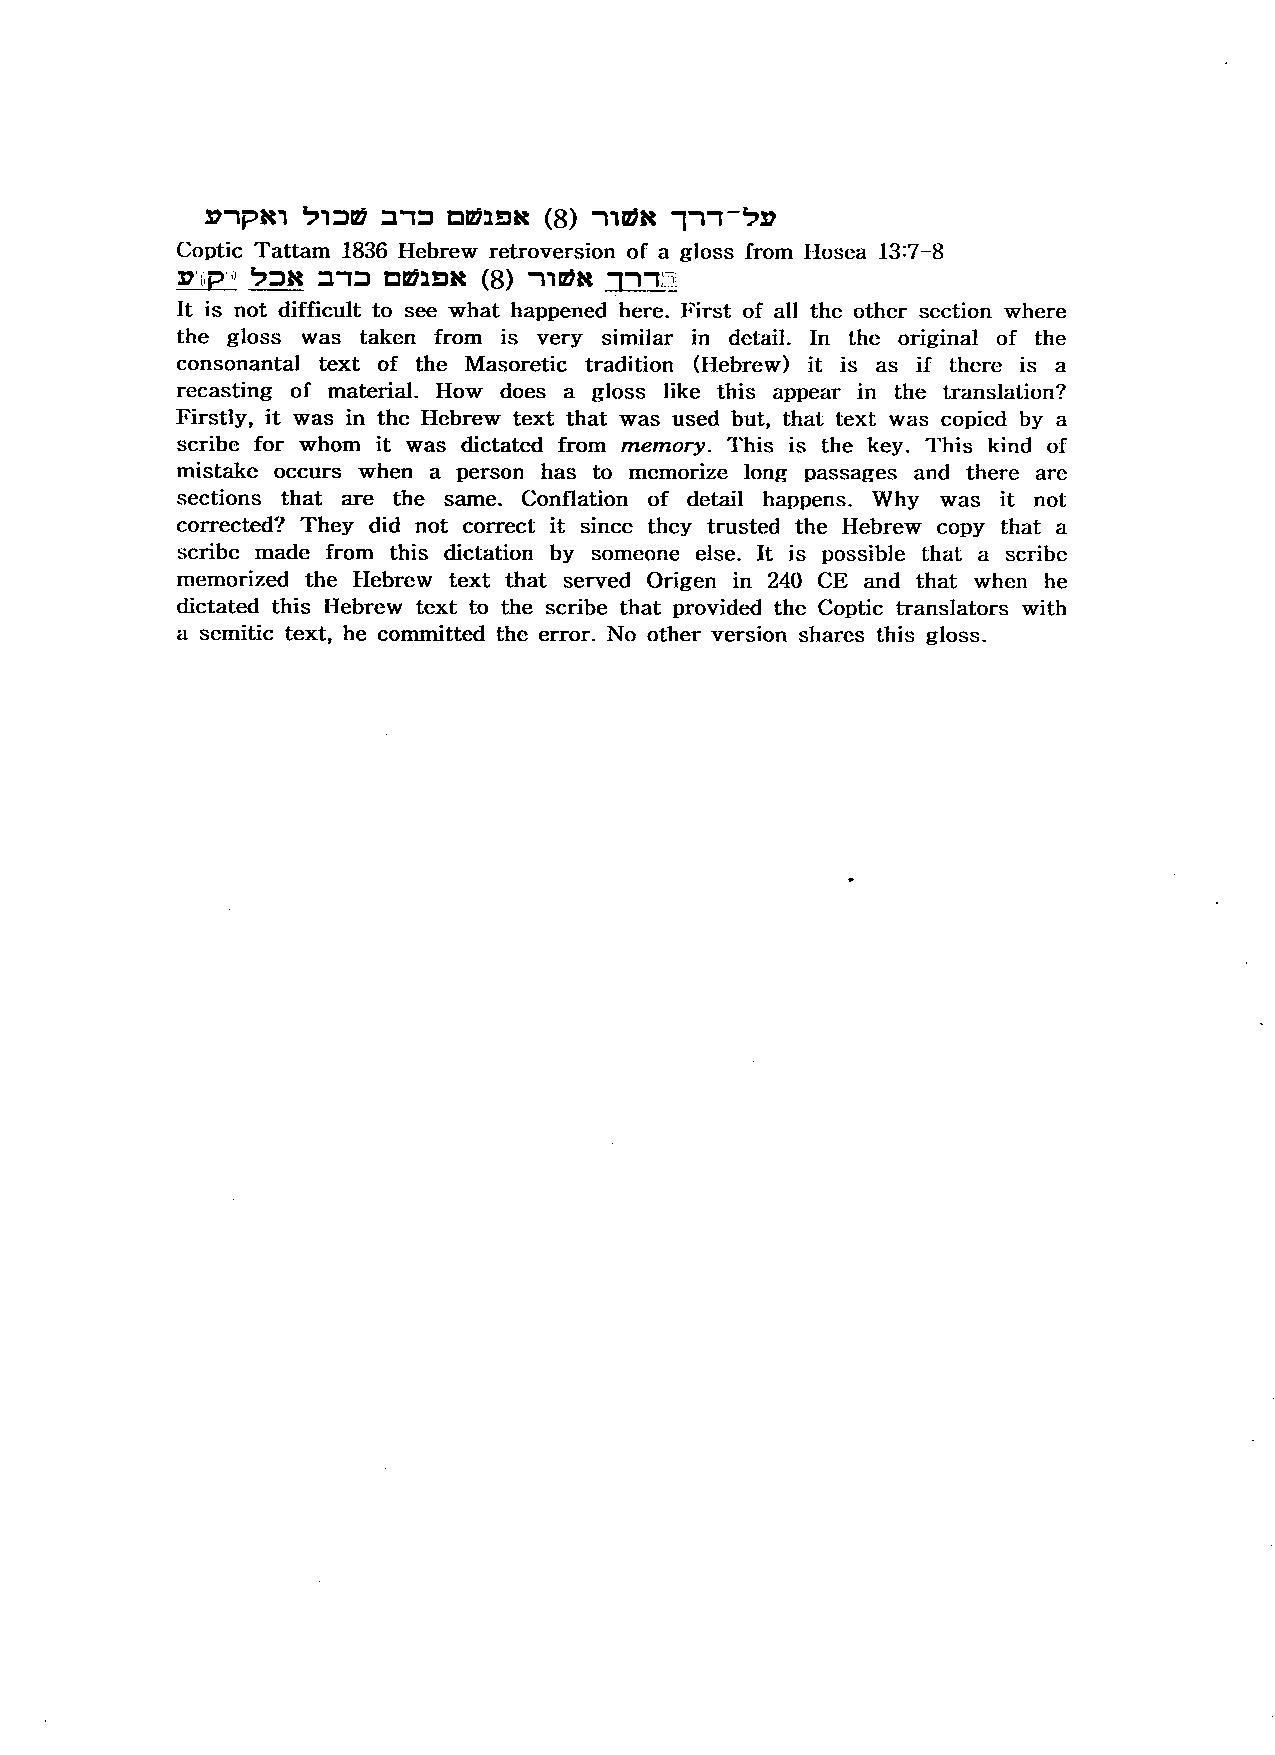 coptic of hosea in english 5e.jpg